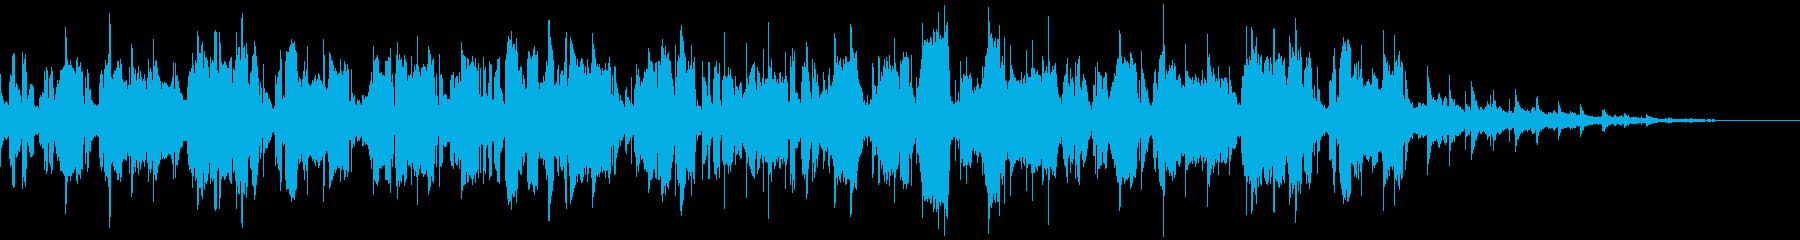 イングリッシュホルンによるスローナンバーの再生済みの波形